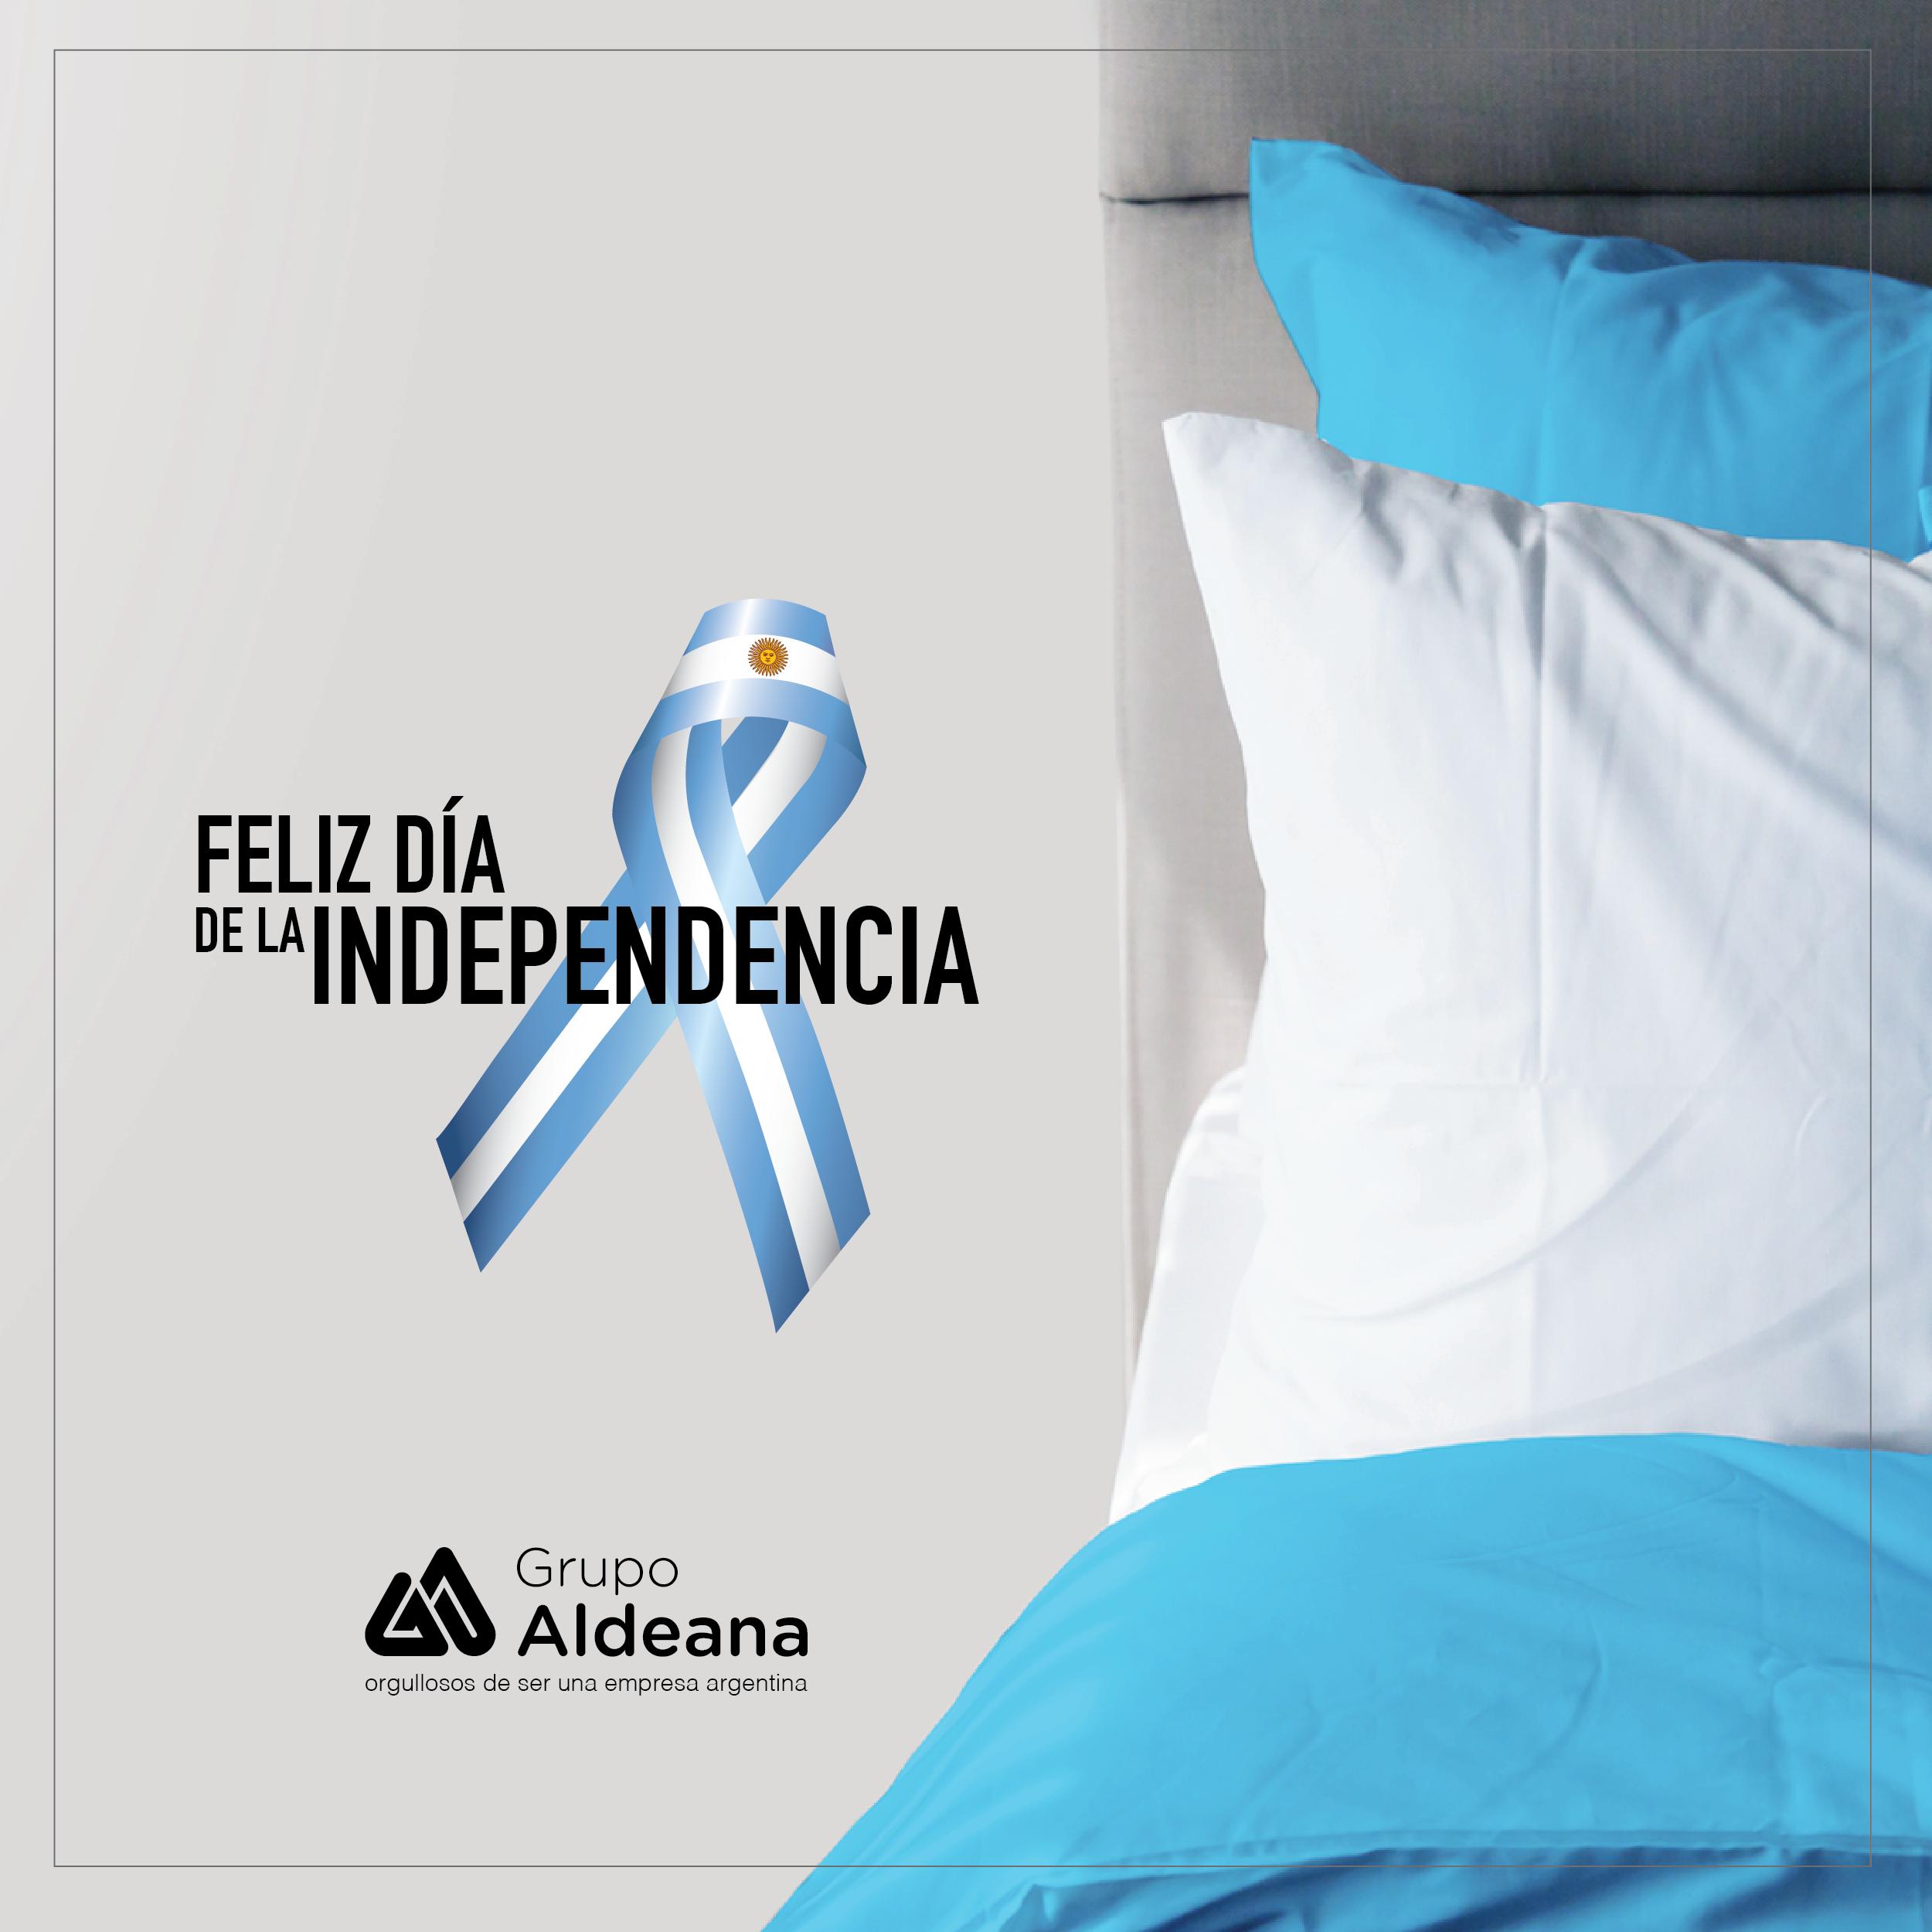 9 de Julio - Día de lndepedencia - Aldeana